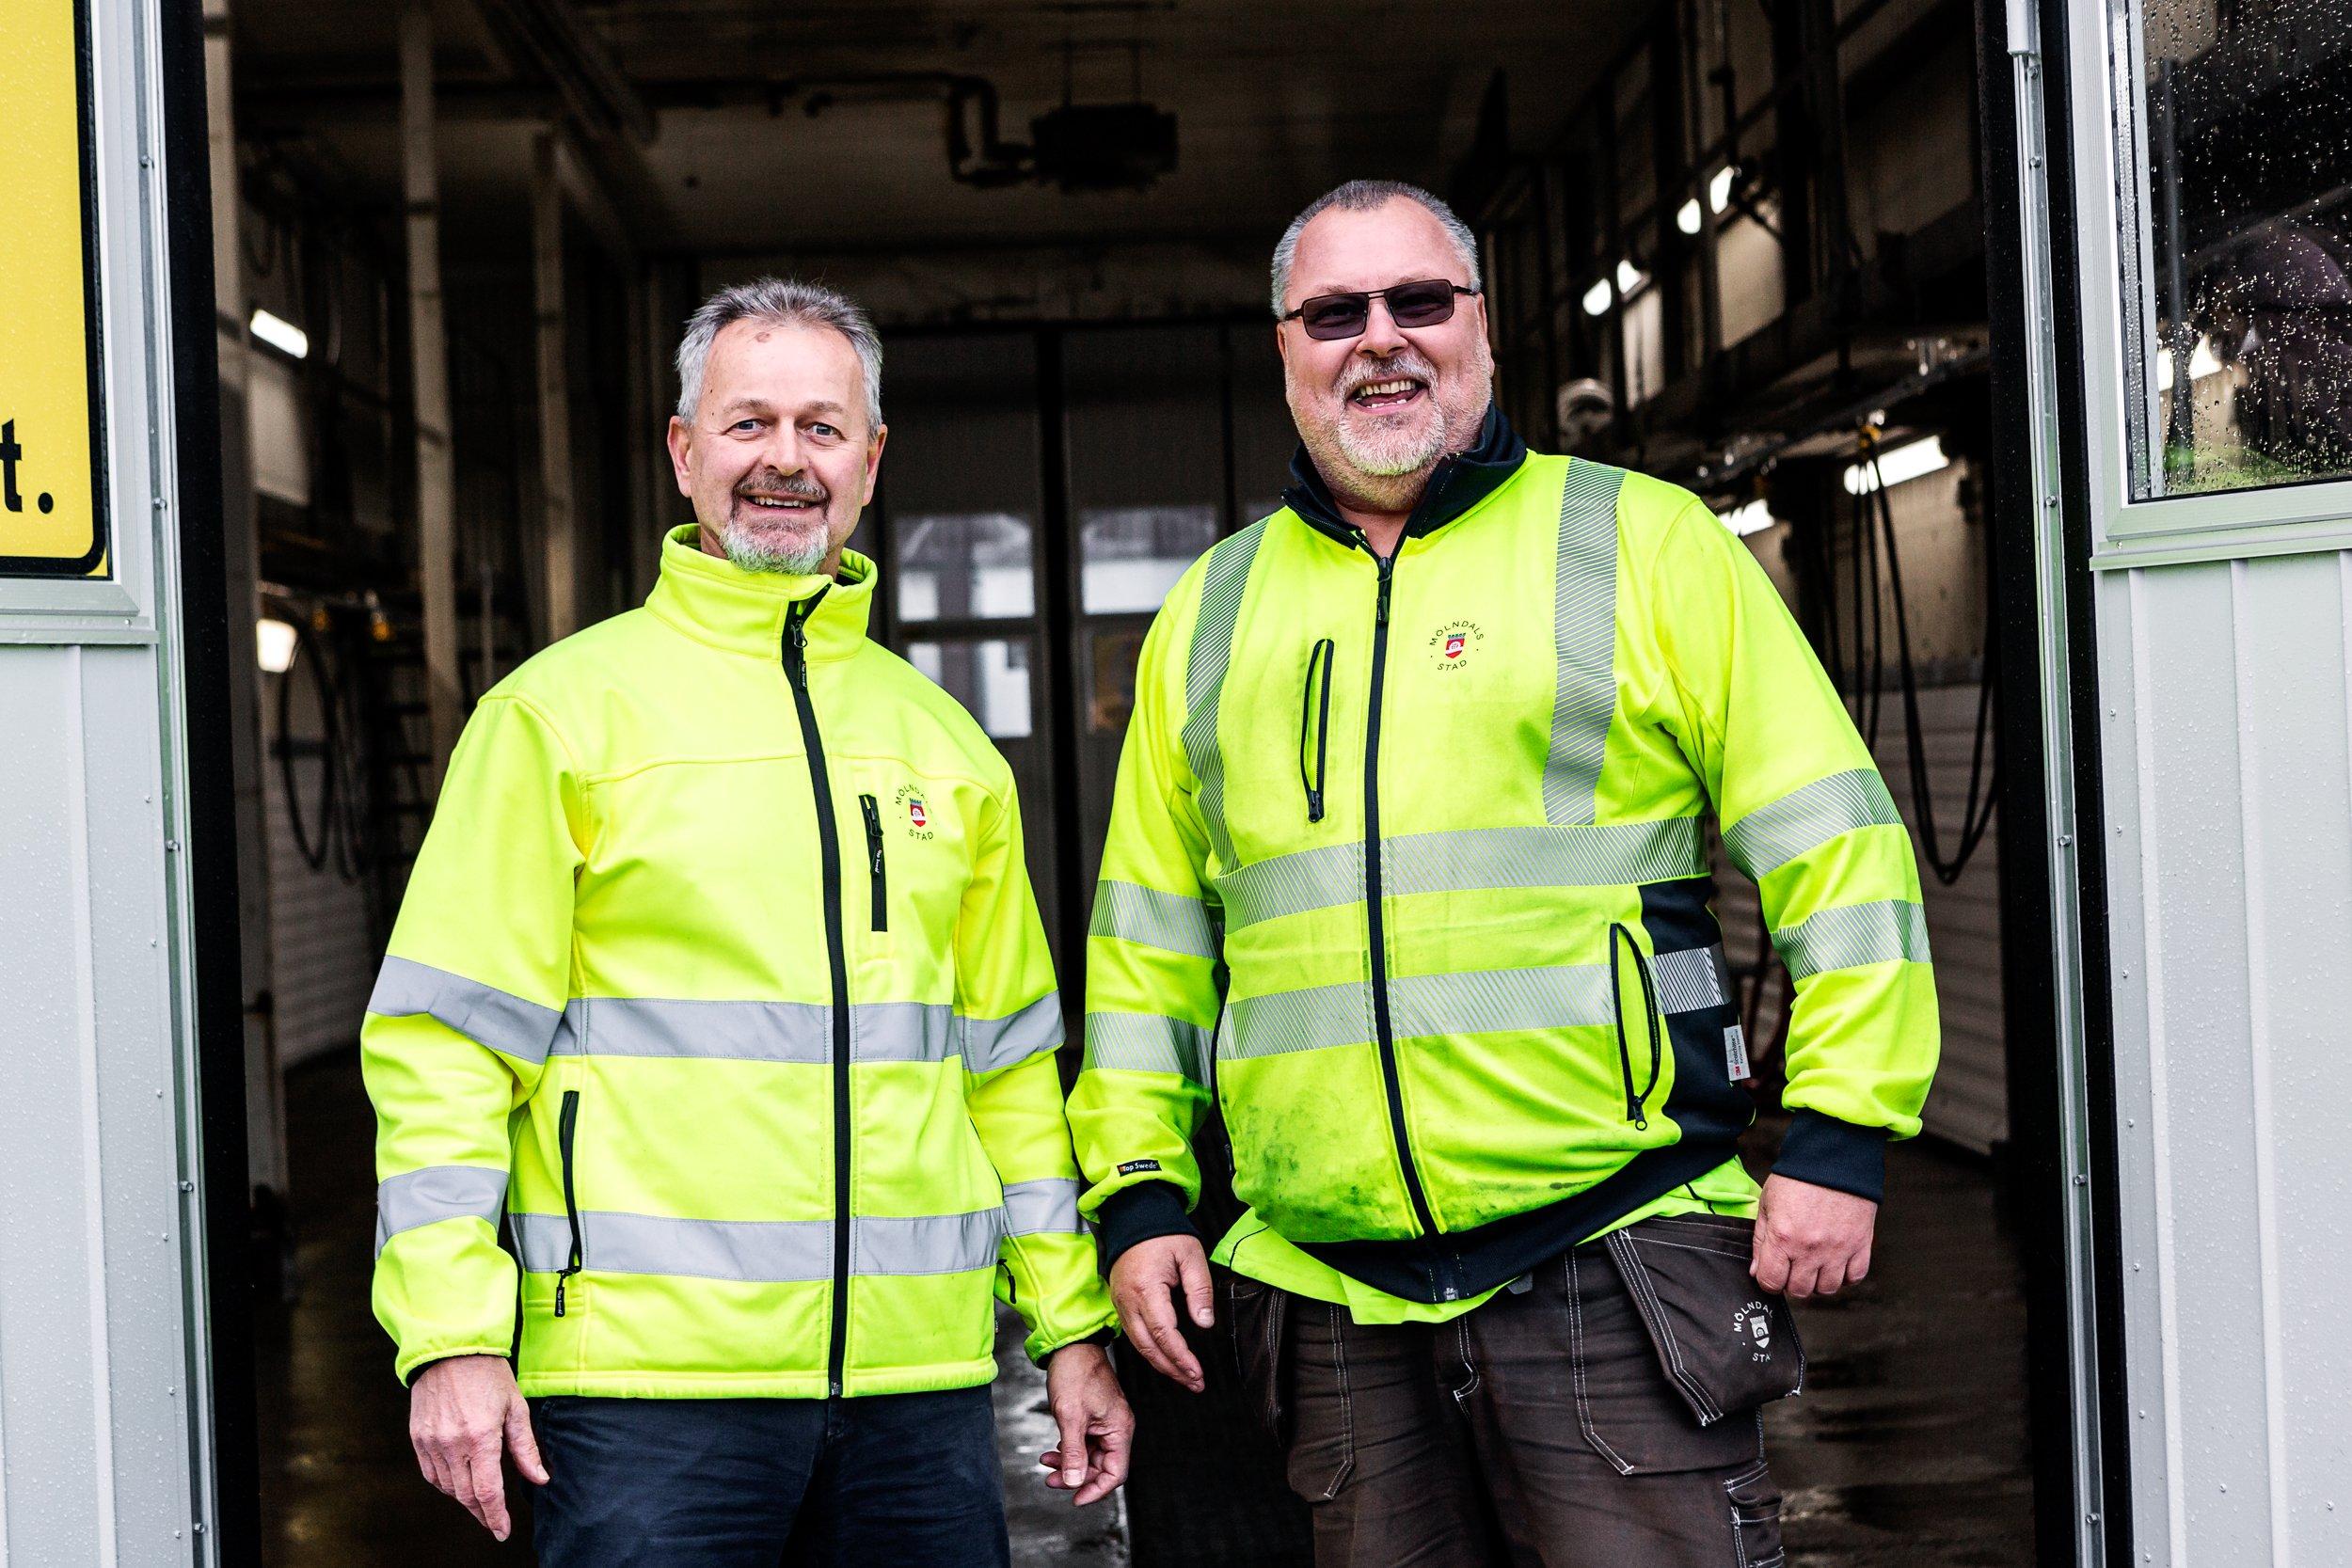 Bertil Eriksson och Thomas Sörensen utanför tvätthallen. Foto: Rickard Olausson, Skvader Media